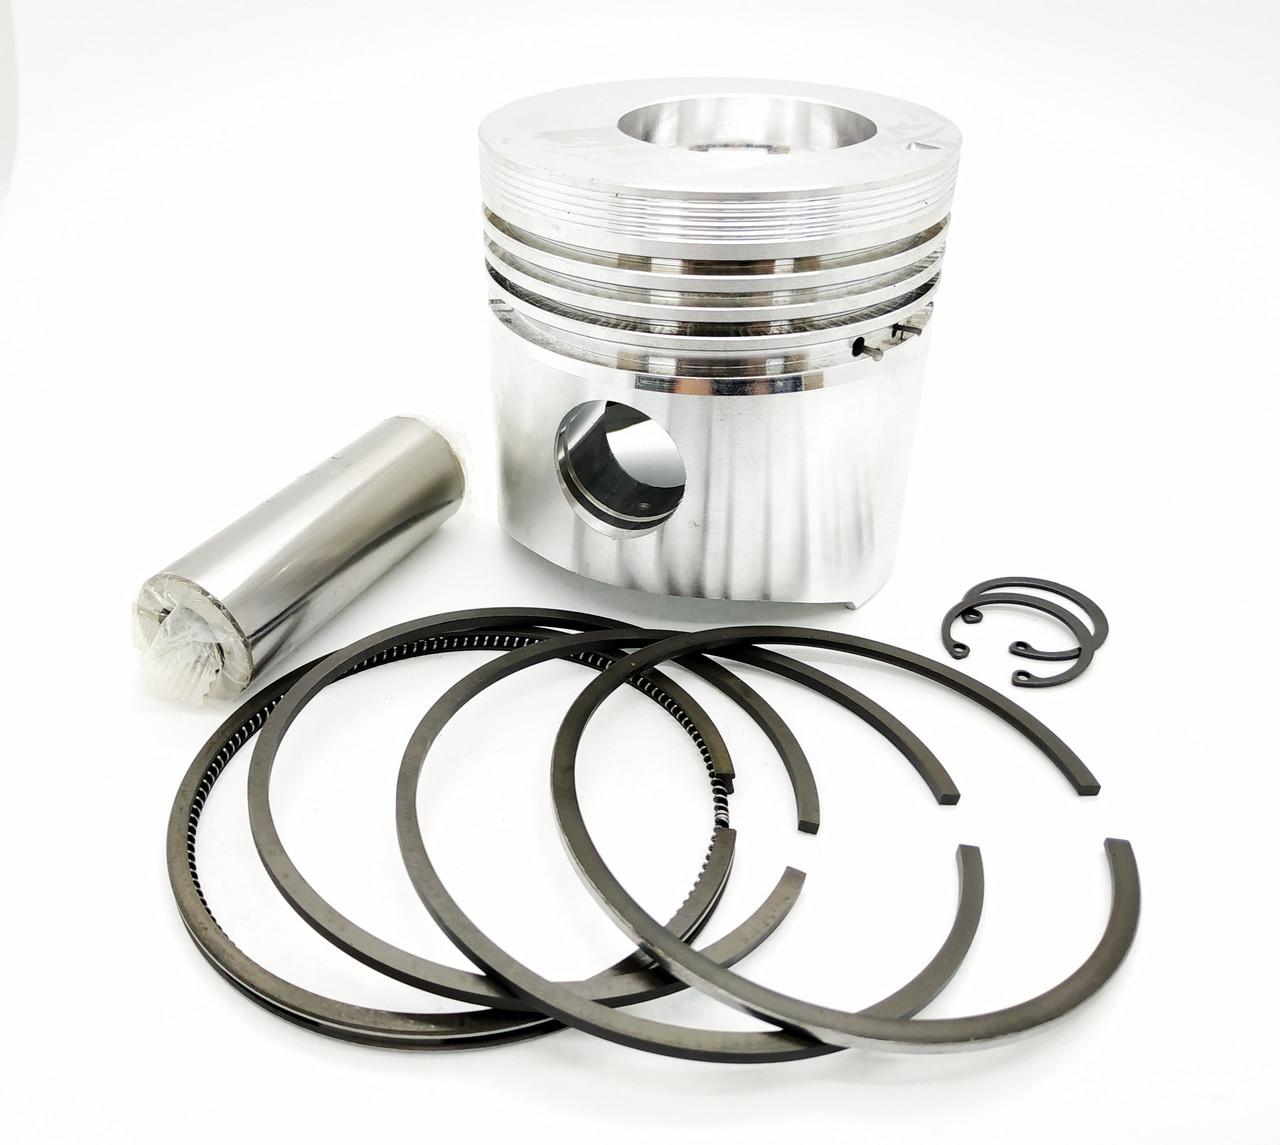 Поршневий комплект 95,0 mm 195N гострий конус для мотоблока мототрактора